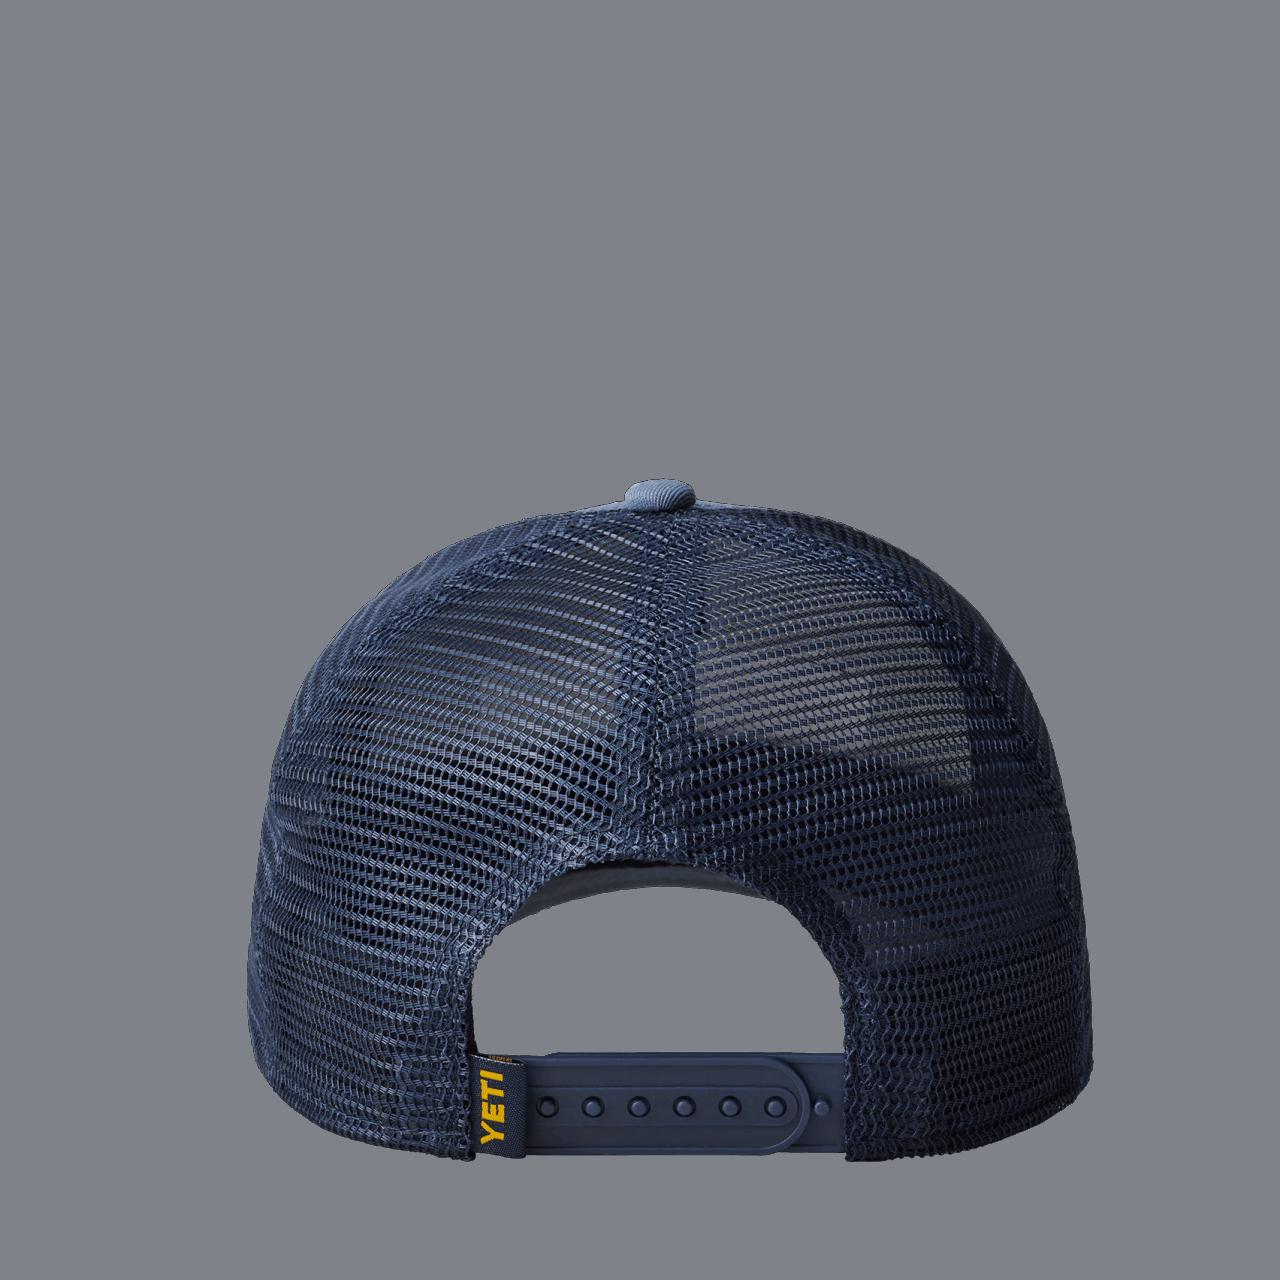 YETI Logo Badge Trucker Hat - navy/yellow